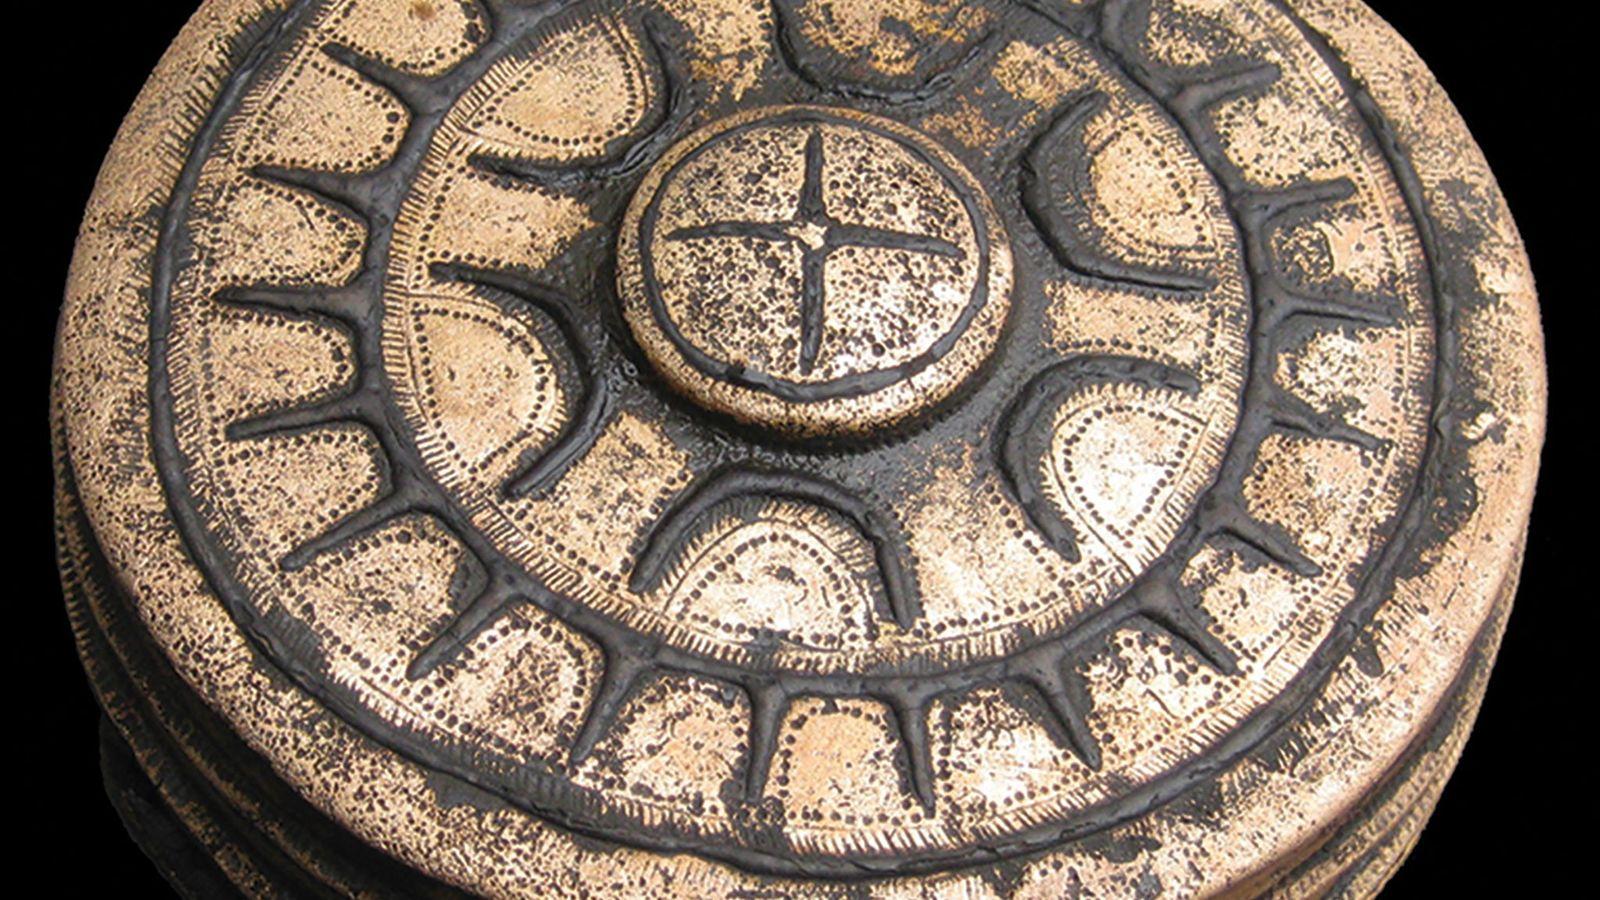 eines der 31 Bronzeobjekte, die auf dem Schlachtfeld im Tollensetal